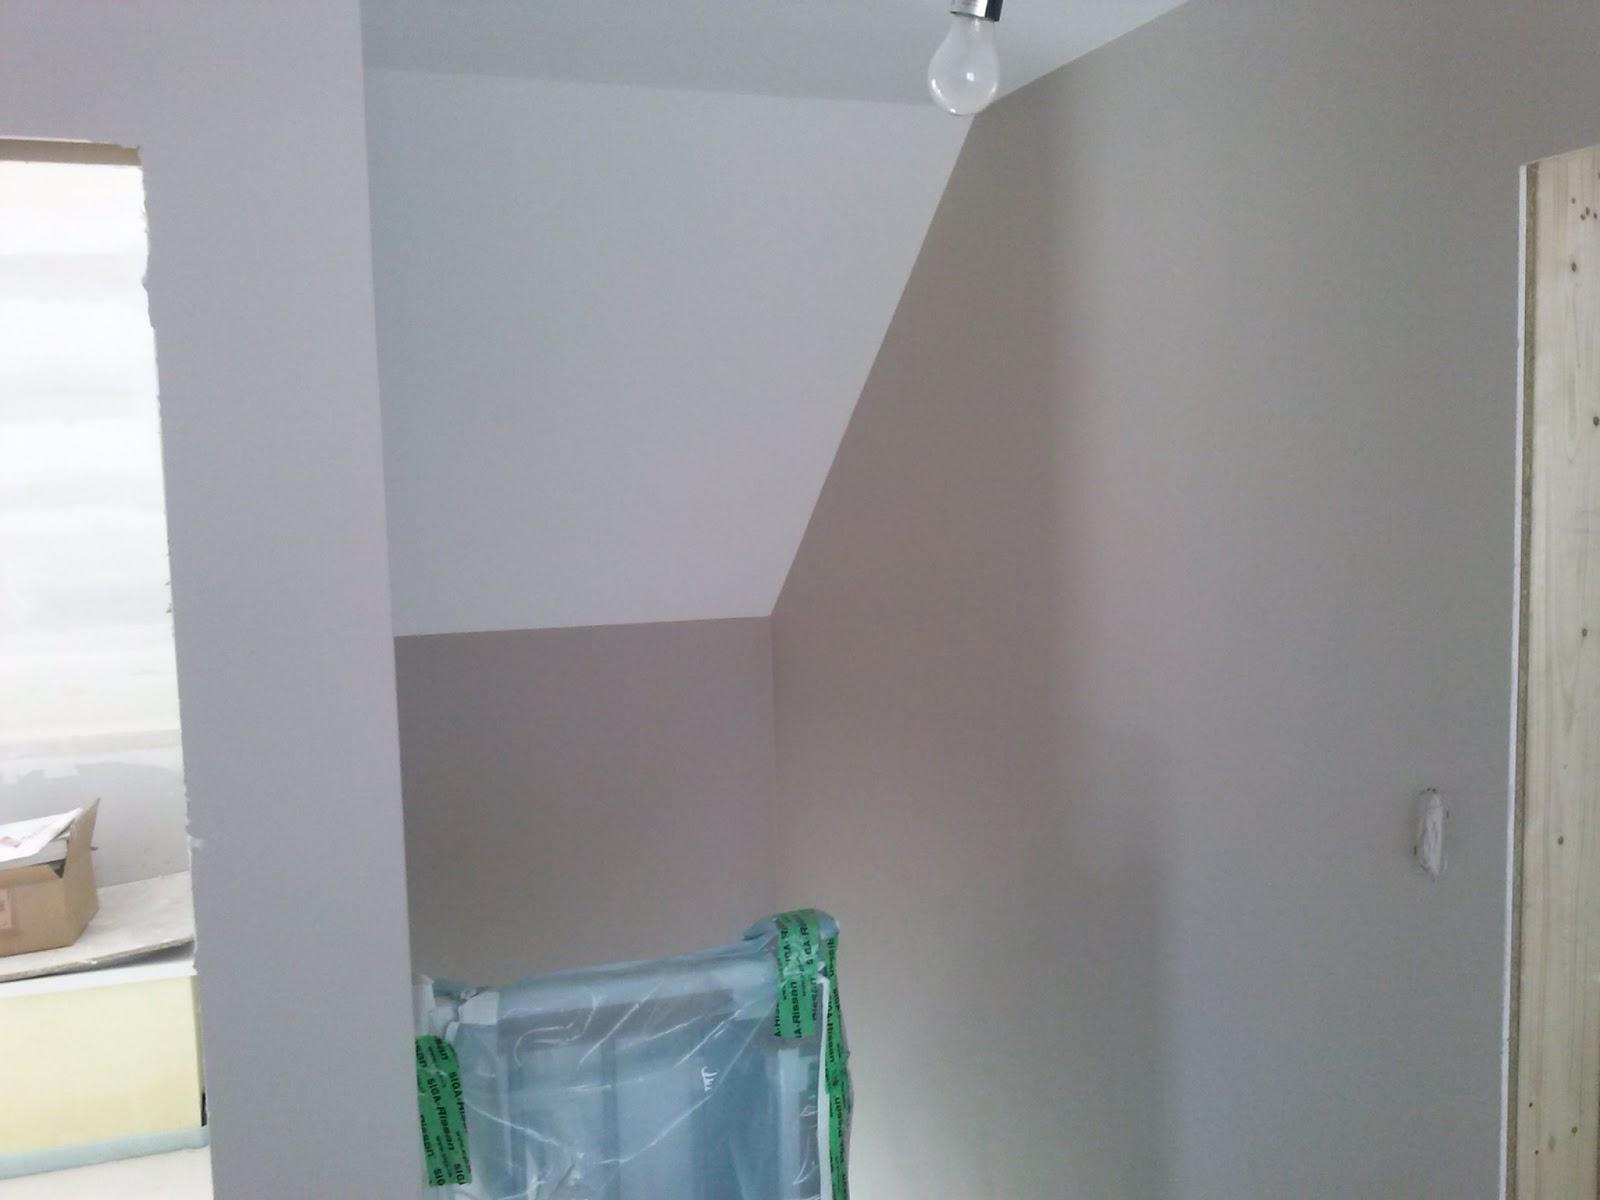 vio421 ein baublog cm messung weitere planung innenfarbe abgeschlossen k che gekauft. Black Bedroom Furniture Sets. Home Design Ideas